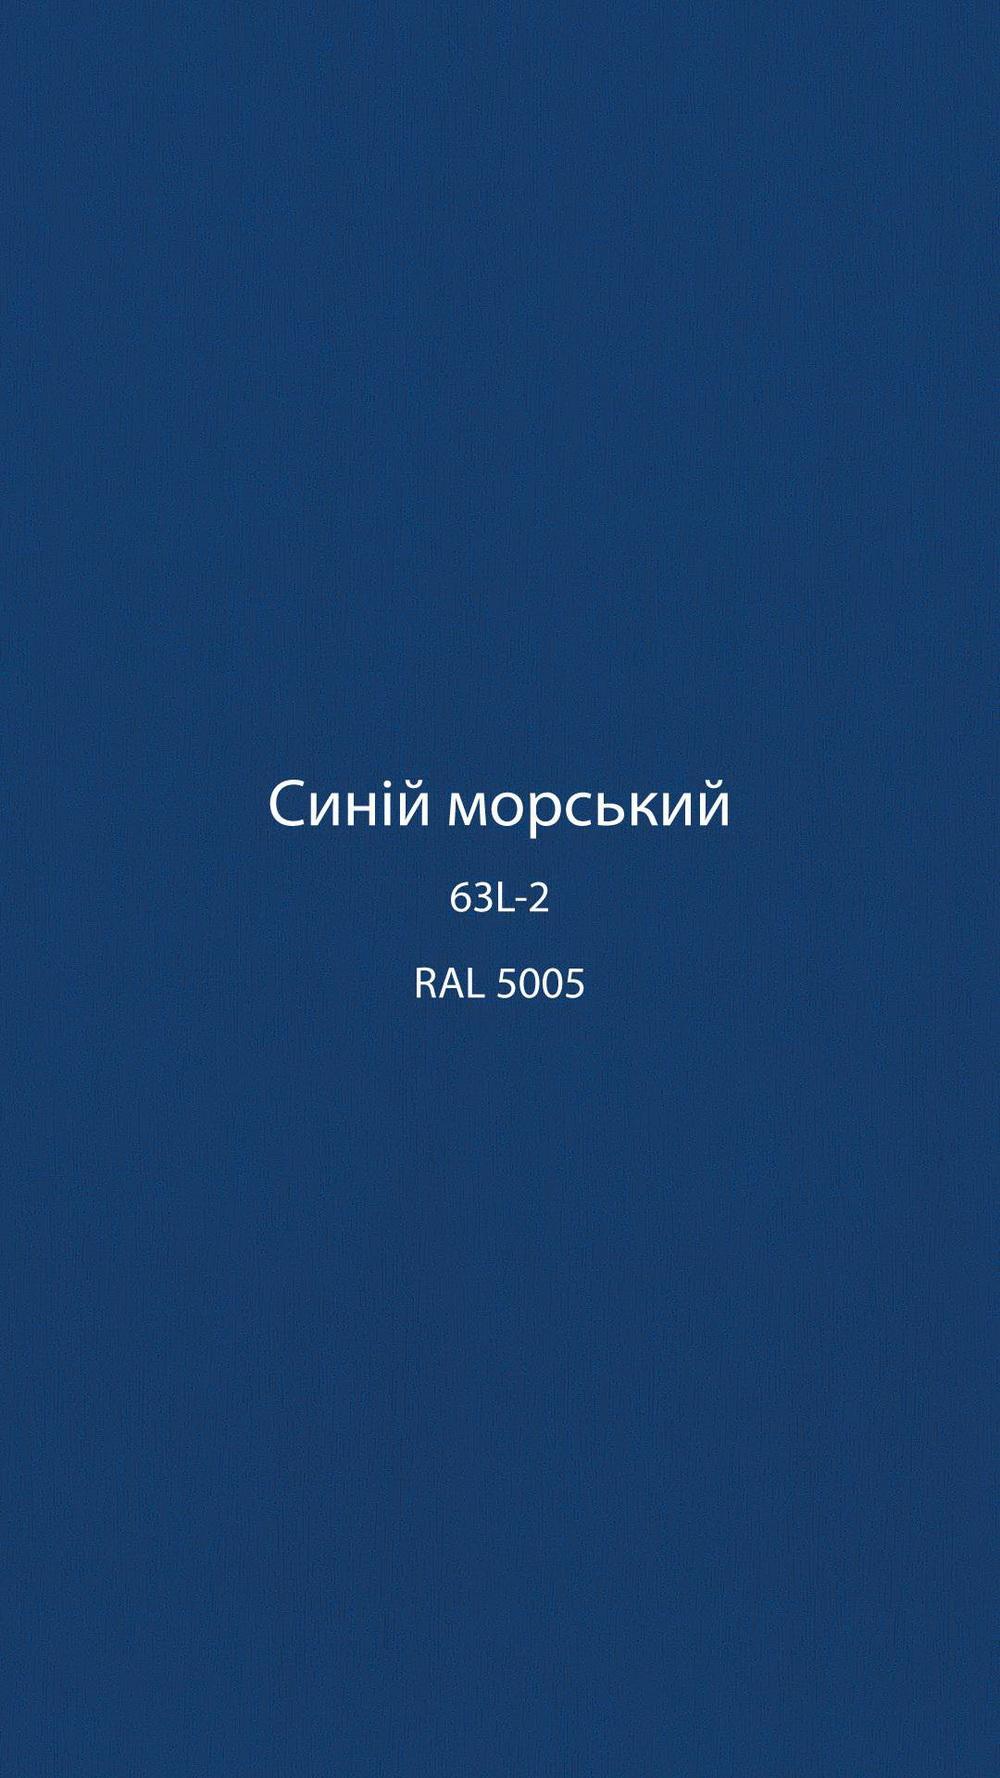 Синій морський - колір ламінації профілів заводу EKIPAZH